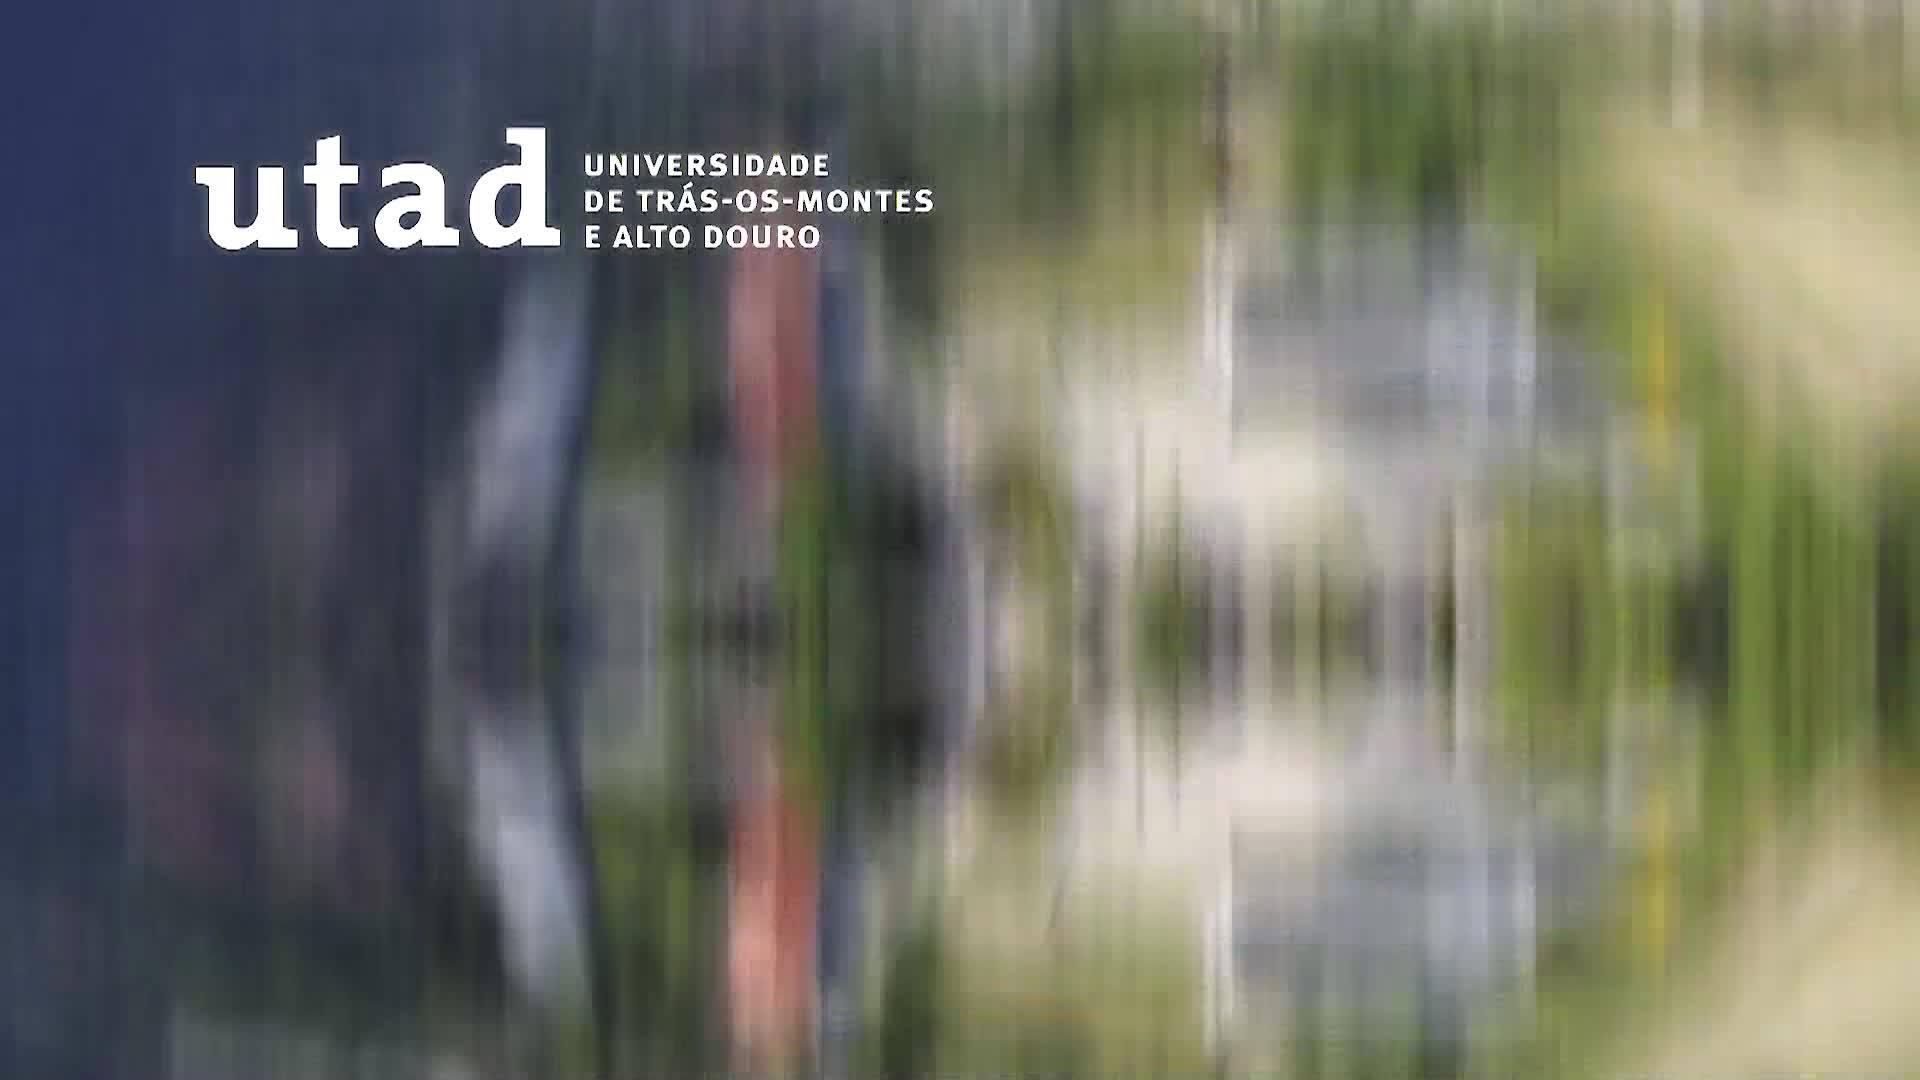 UTAD tem três cenários preparados para 2020/2021